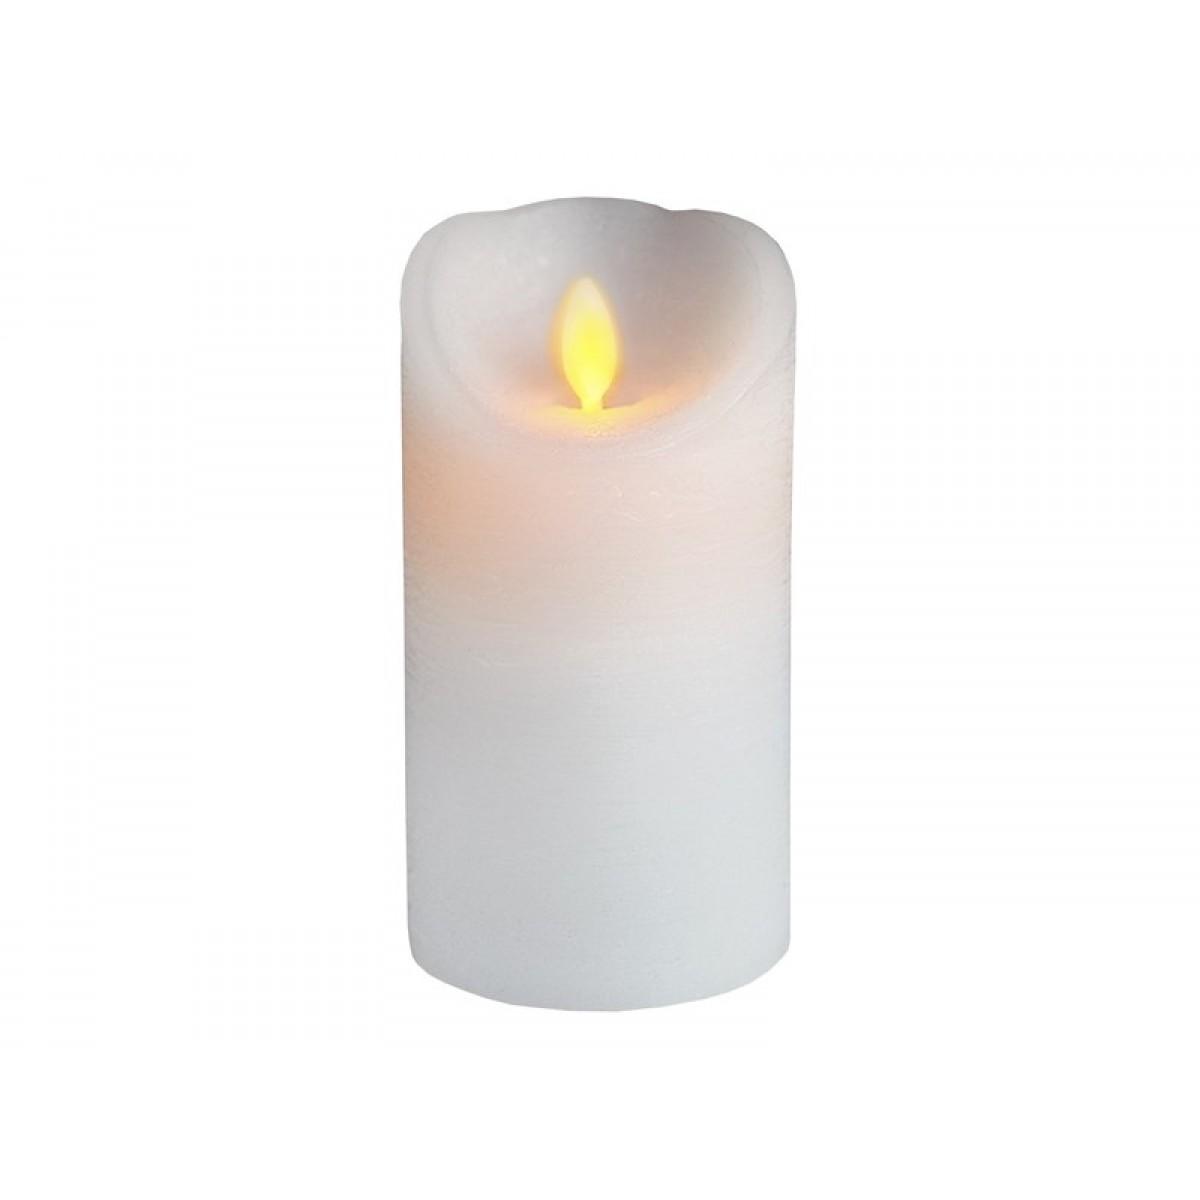 Bloklys med bevægelig flamme excl. batteri med timer - 7,5 x 12,5 cm. Hvid